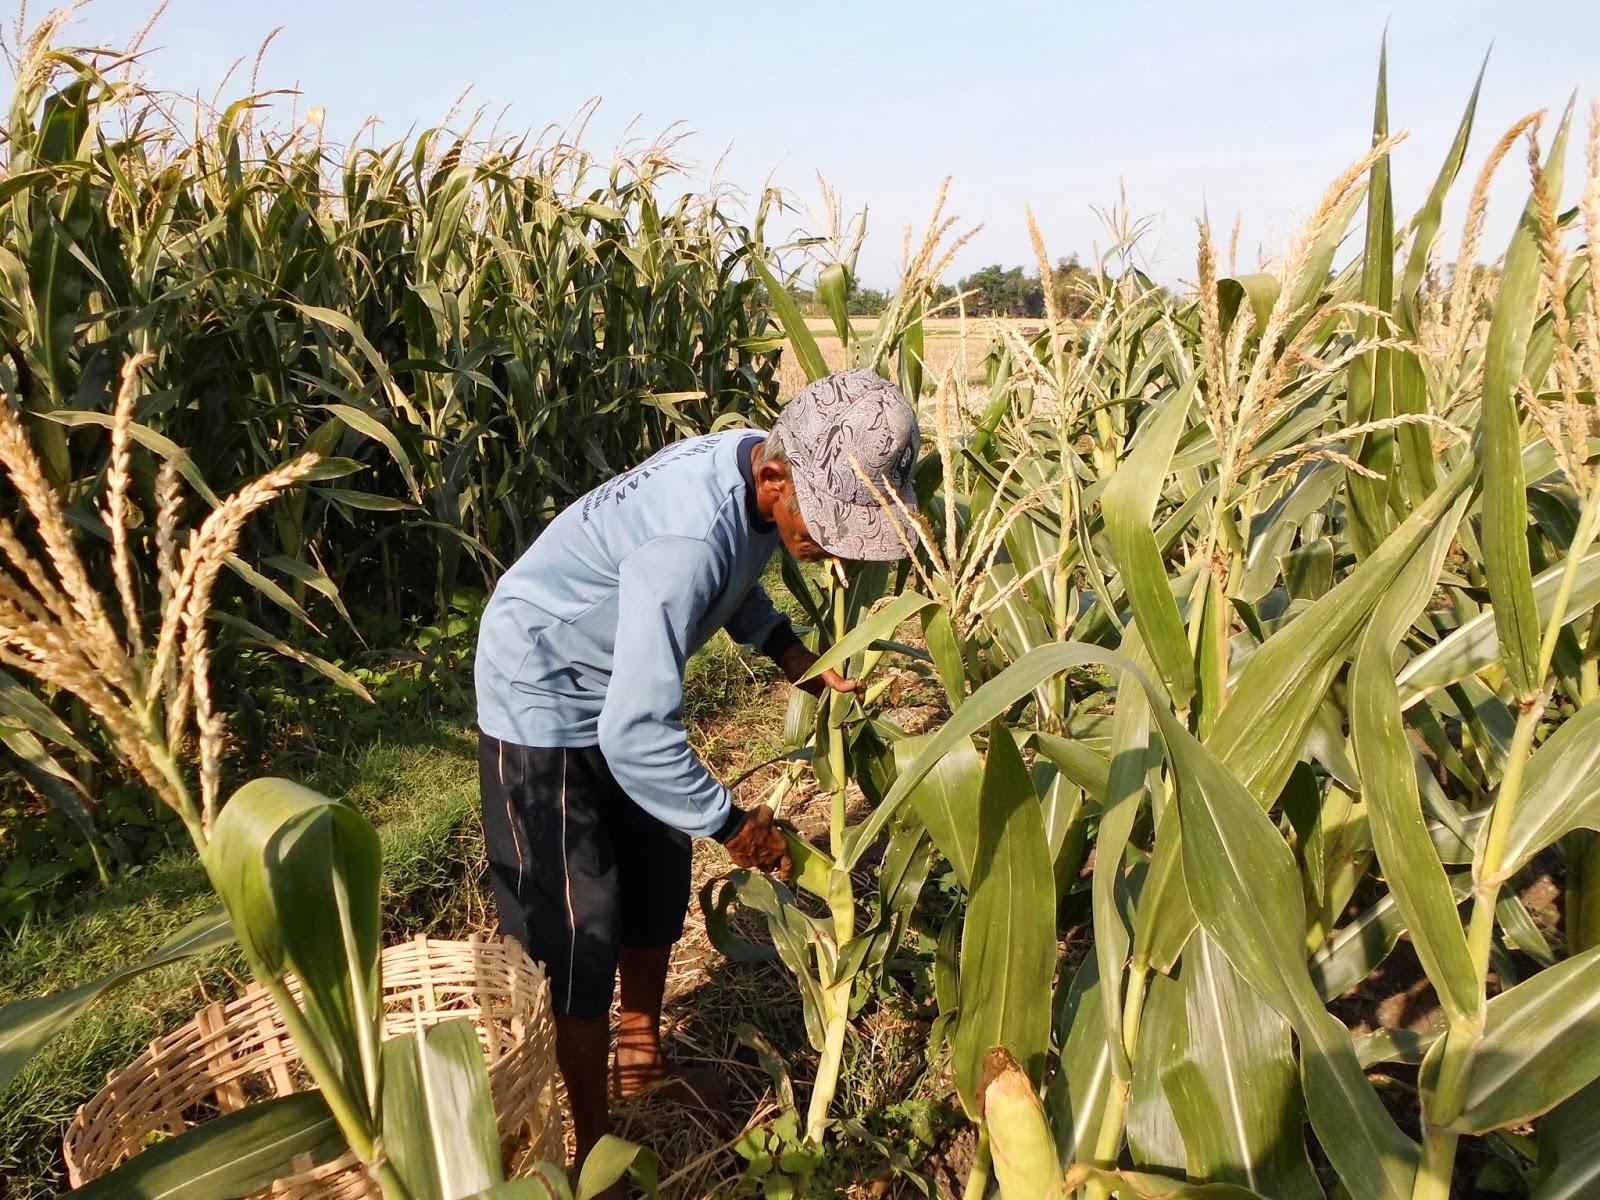 undang-undang pertanian